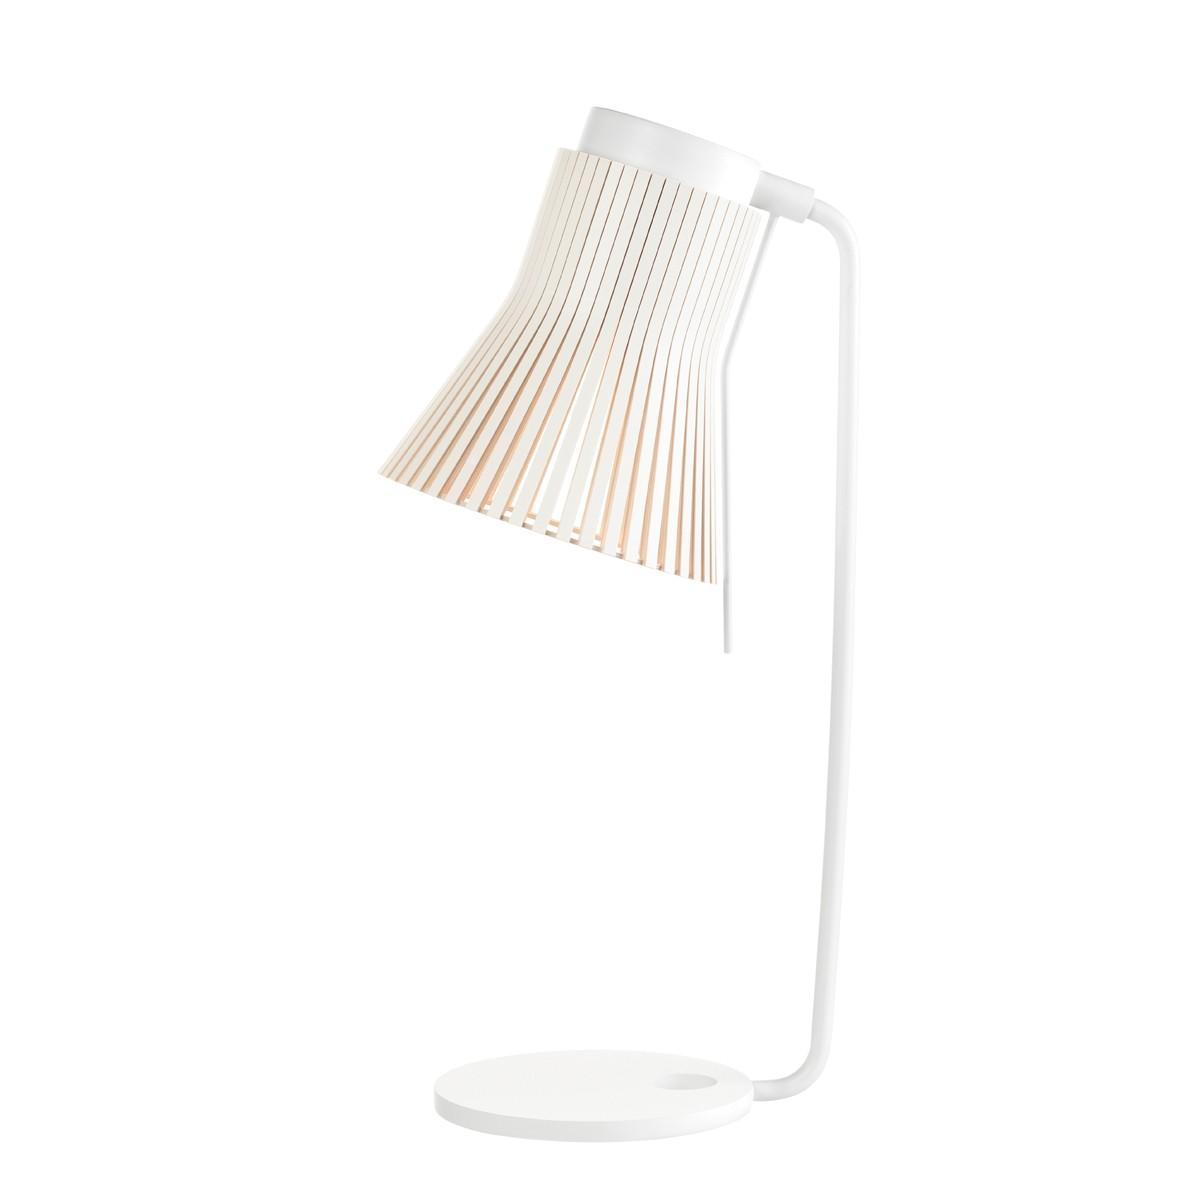 Secto Design Petite 4620 Tischleuchte, weiß, Schirm: weiß laminiert